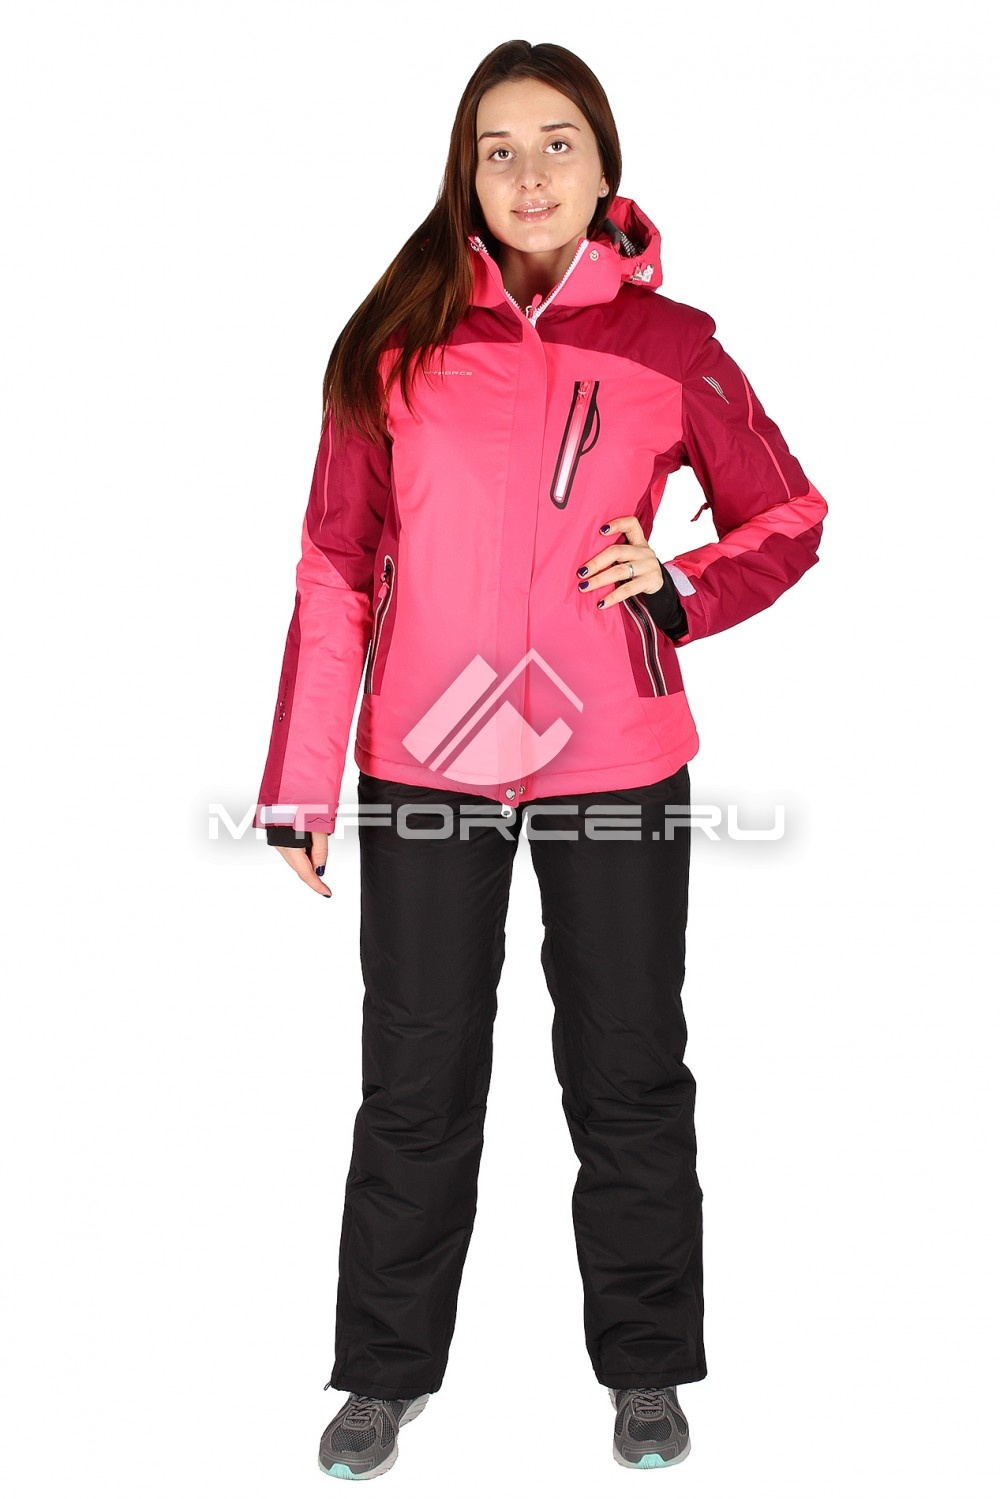 Купить                                  оптом Костюм горнолыжный женский розового цвета 01529R